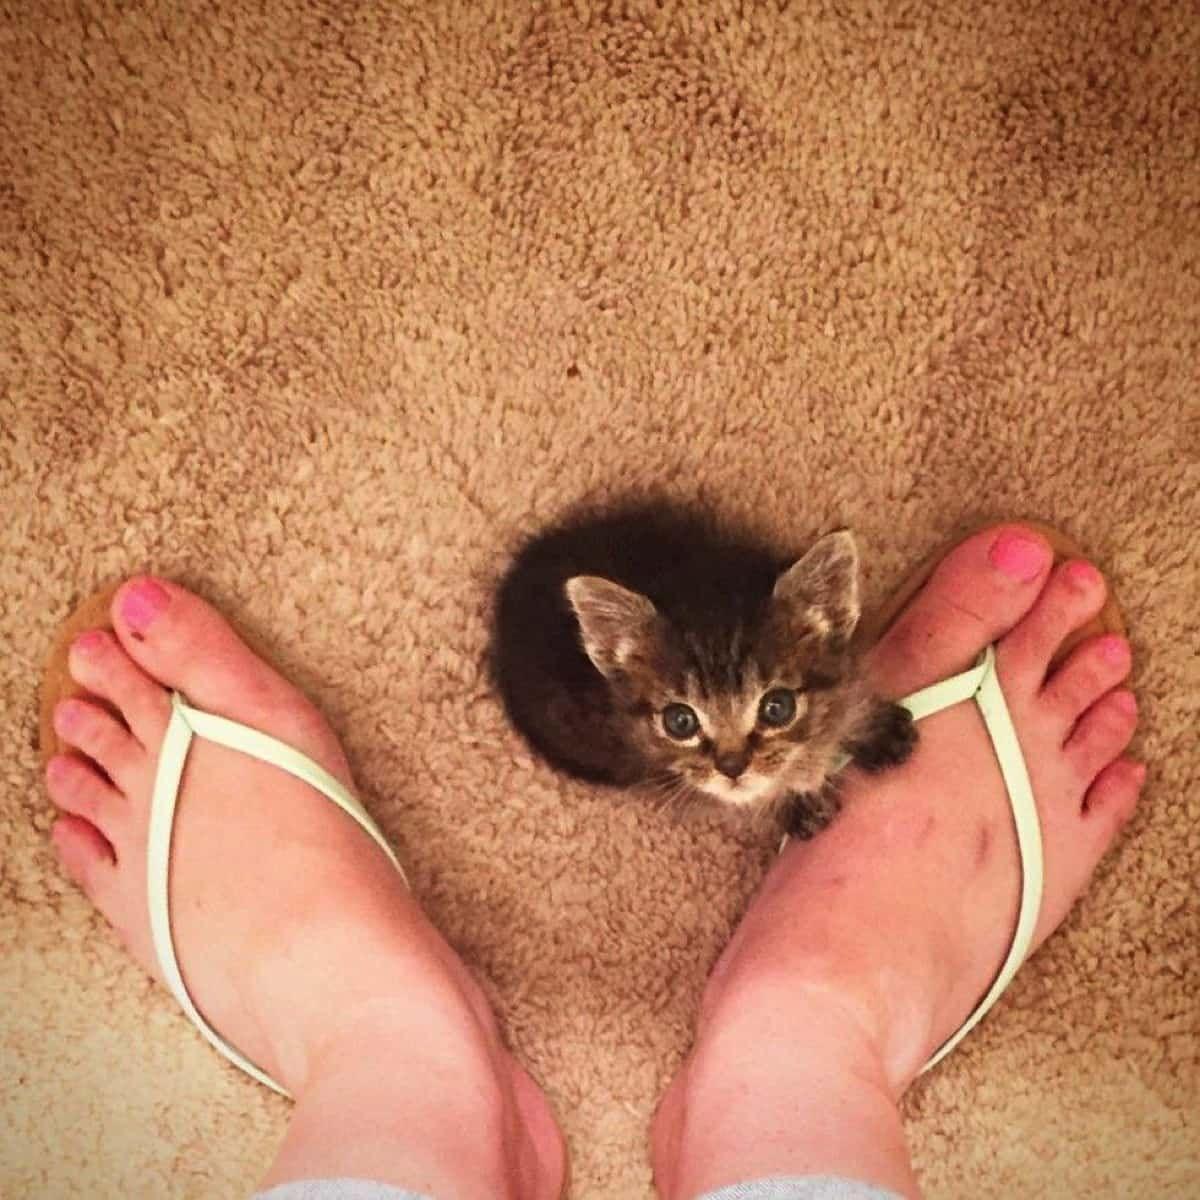 子猫 家族をすべて失った生後1日の子猫 おっぱいの飲み方も知らない彼を 2人の代理ママ が優しく受け入れた Buzzmag 子猫 可愛すぎる動物 キュートな猫